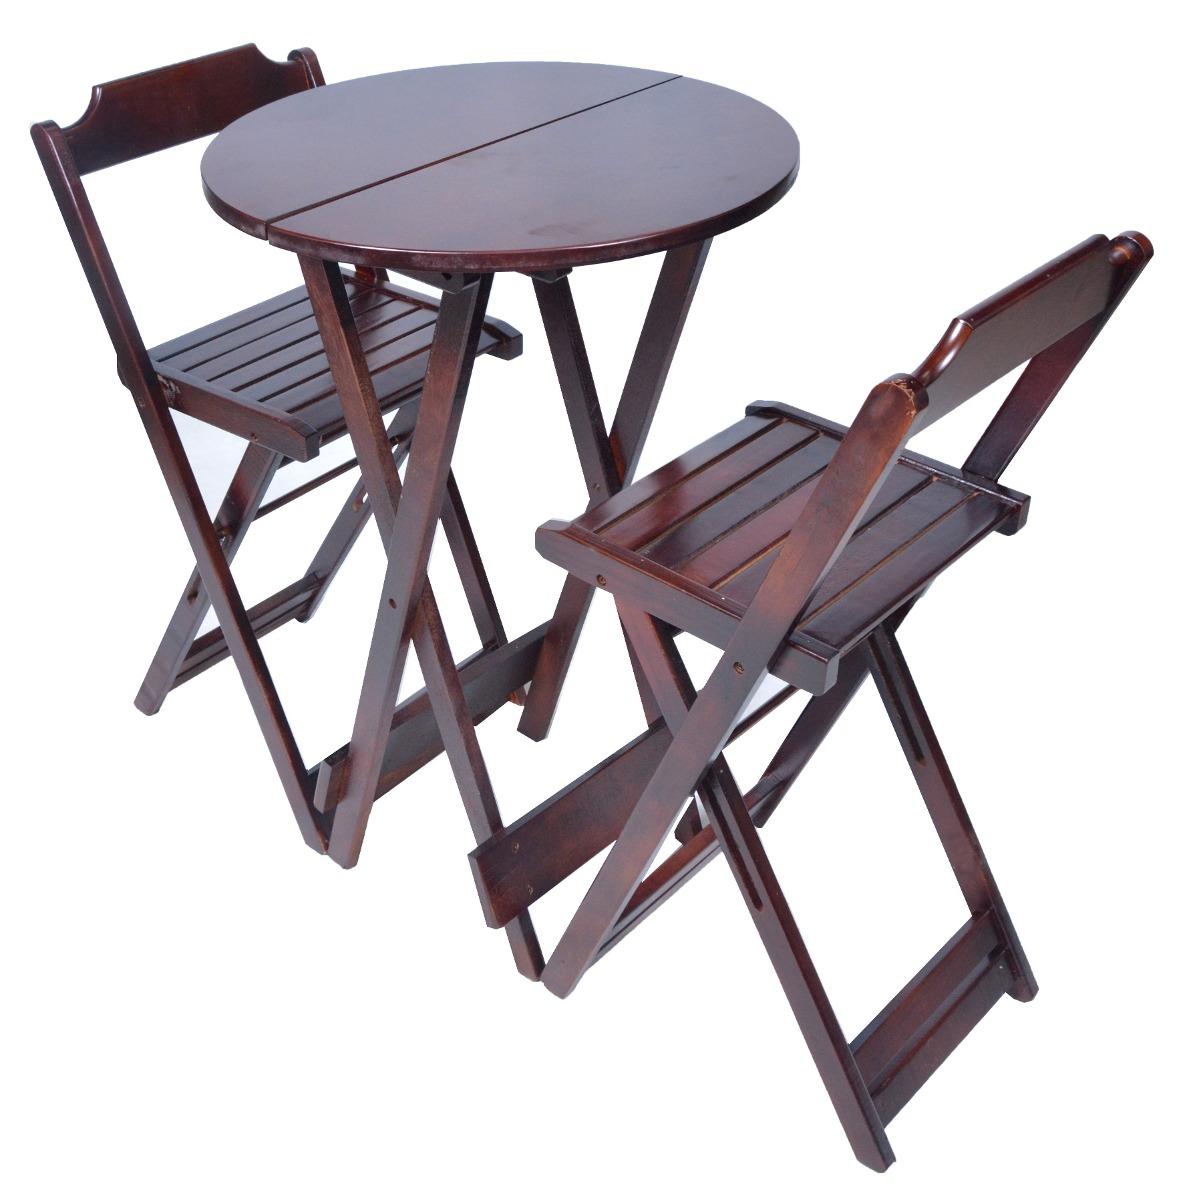 Jogos de mesa bar bistr dobr vel com 2 cadeiras altas r 245 90 em mercado livre - Mesas altas de bar ...